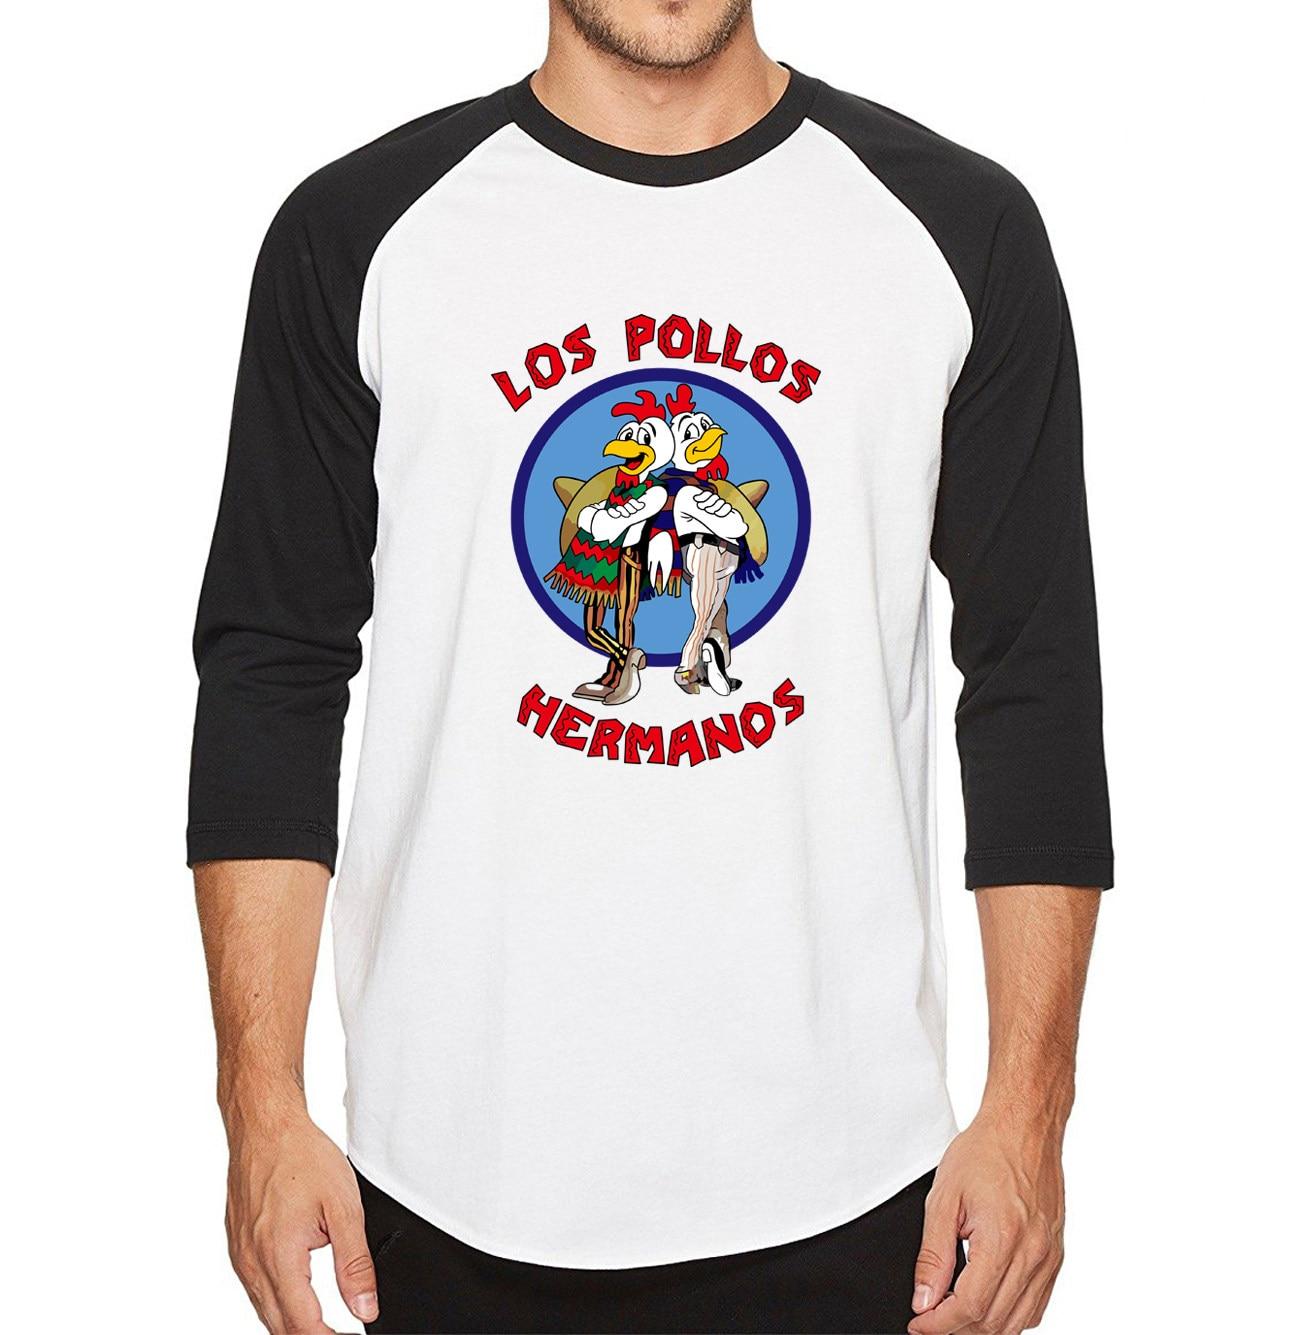 343323e3fa Hombres 2018 nuevas camisetas pollo hermanos camisetas 100% algodón alta  calidad tres cuartos manga Hipster